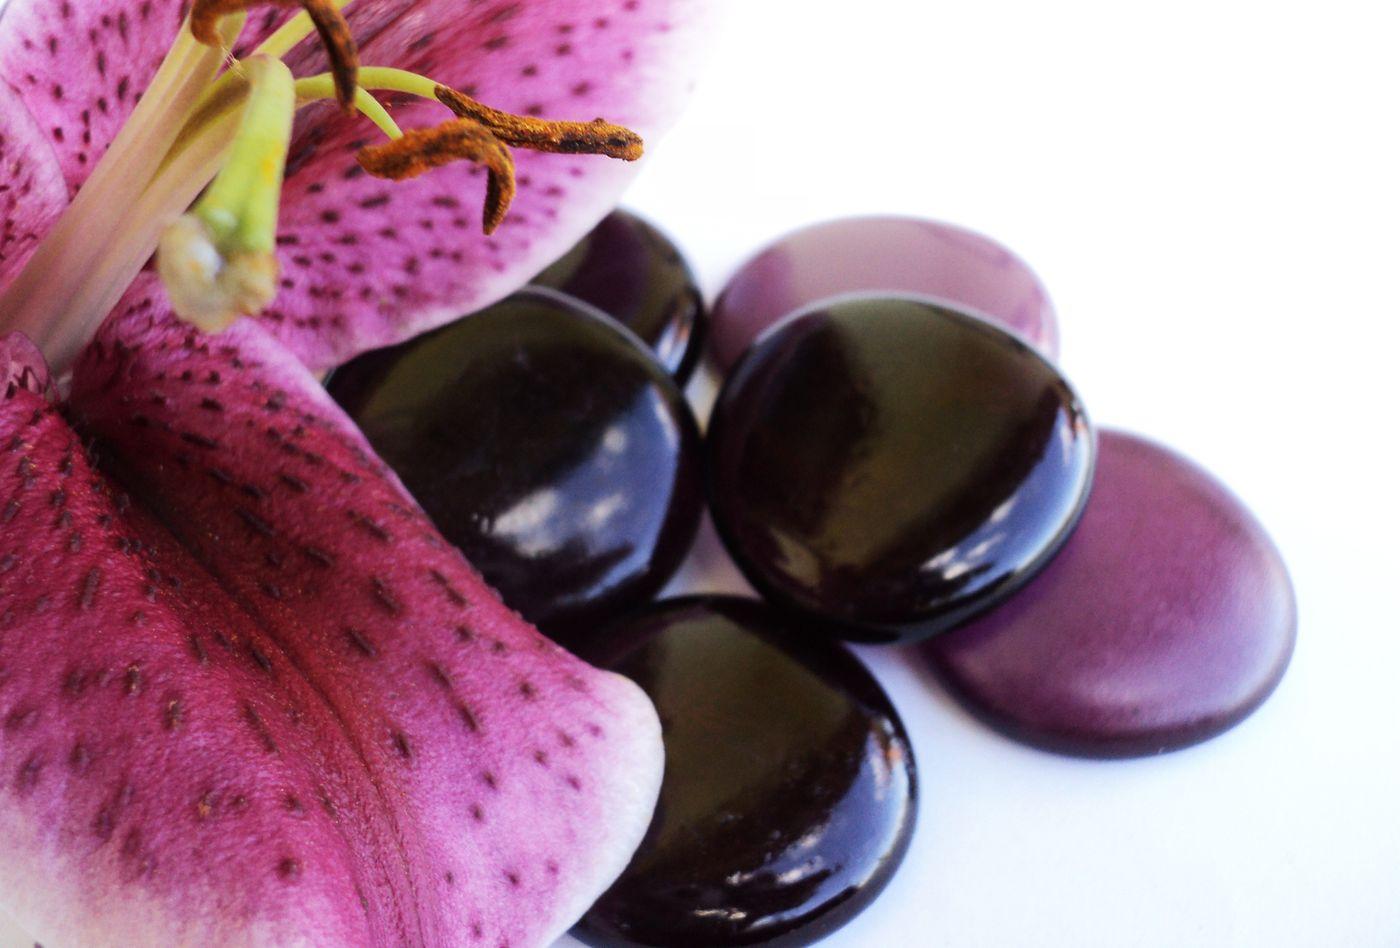 Gyógymasszázs, gyógytorna és akupunktúra a Rammgymben